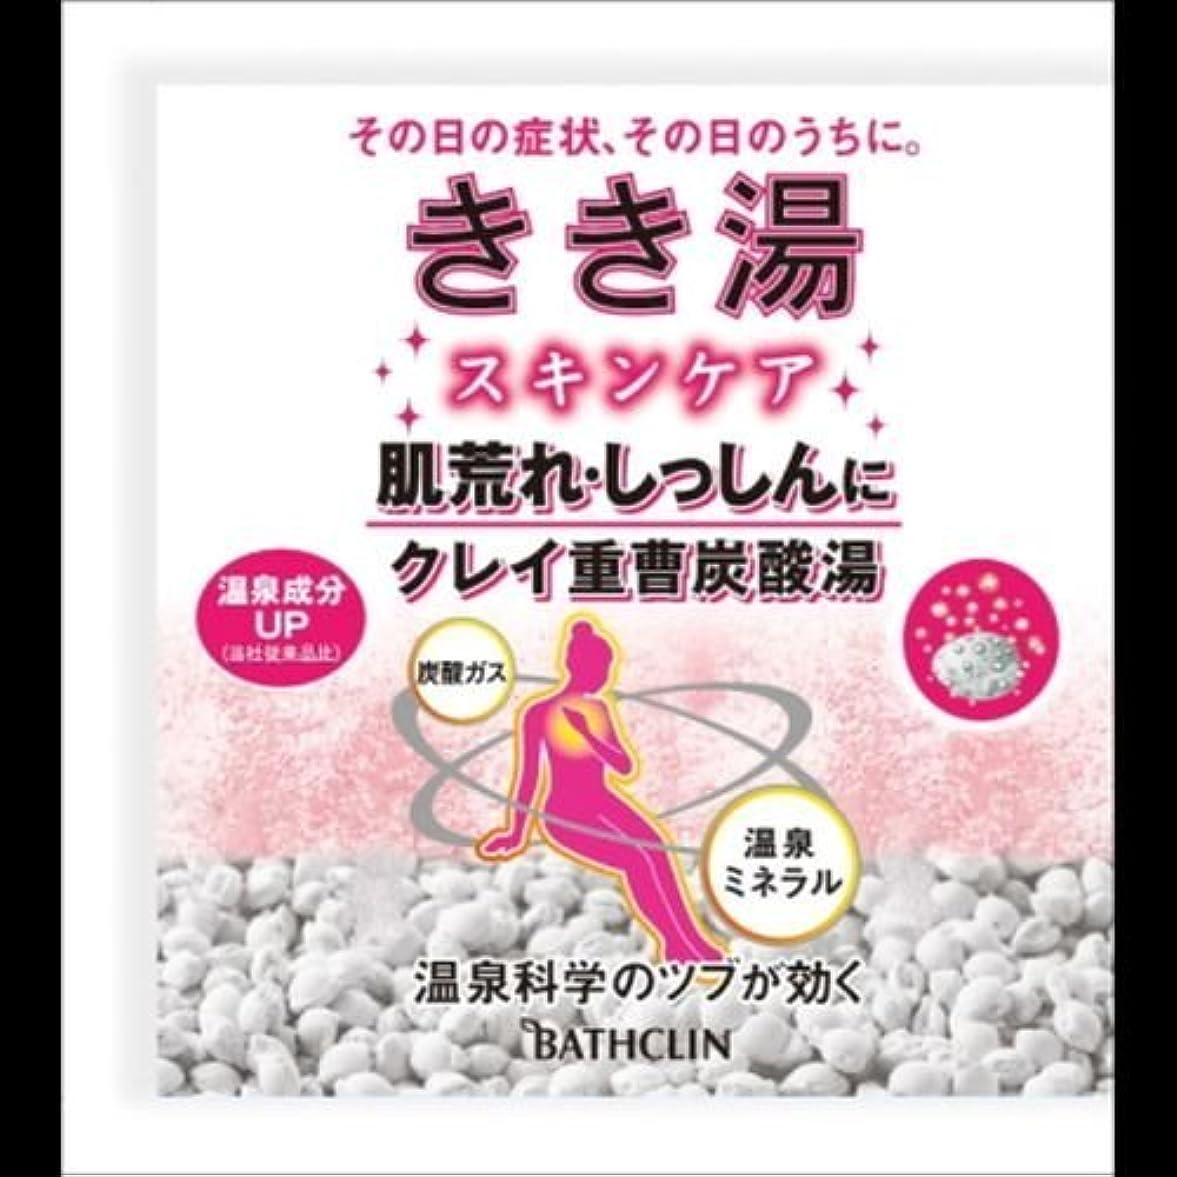 ランダムバリー素晴らしいです【まとめ買い】きき湯 クレイ重曹炭酸湯 30g(入浴剤) ×2セット